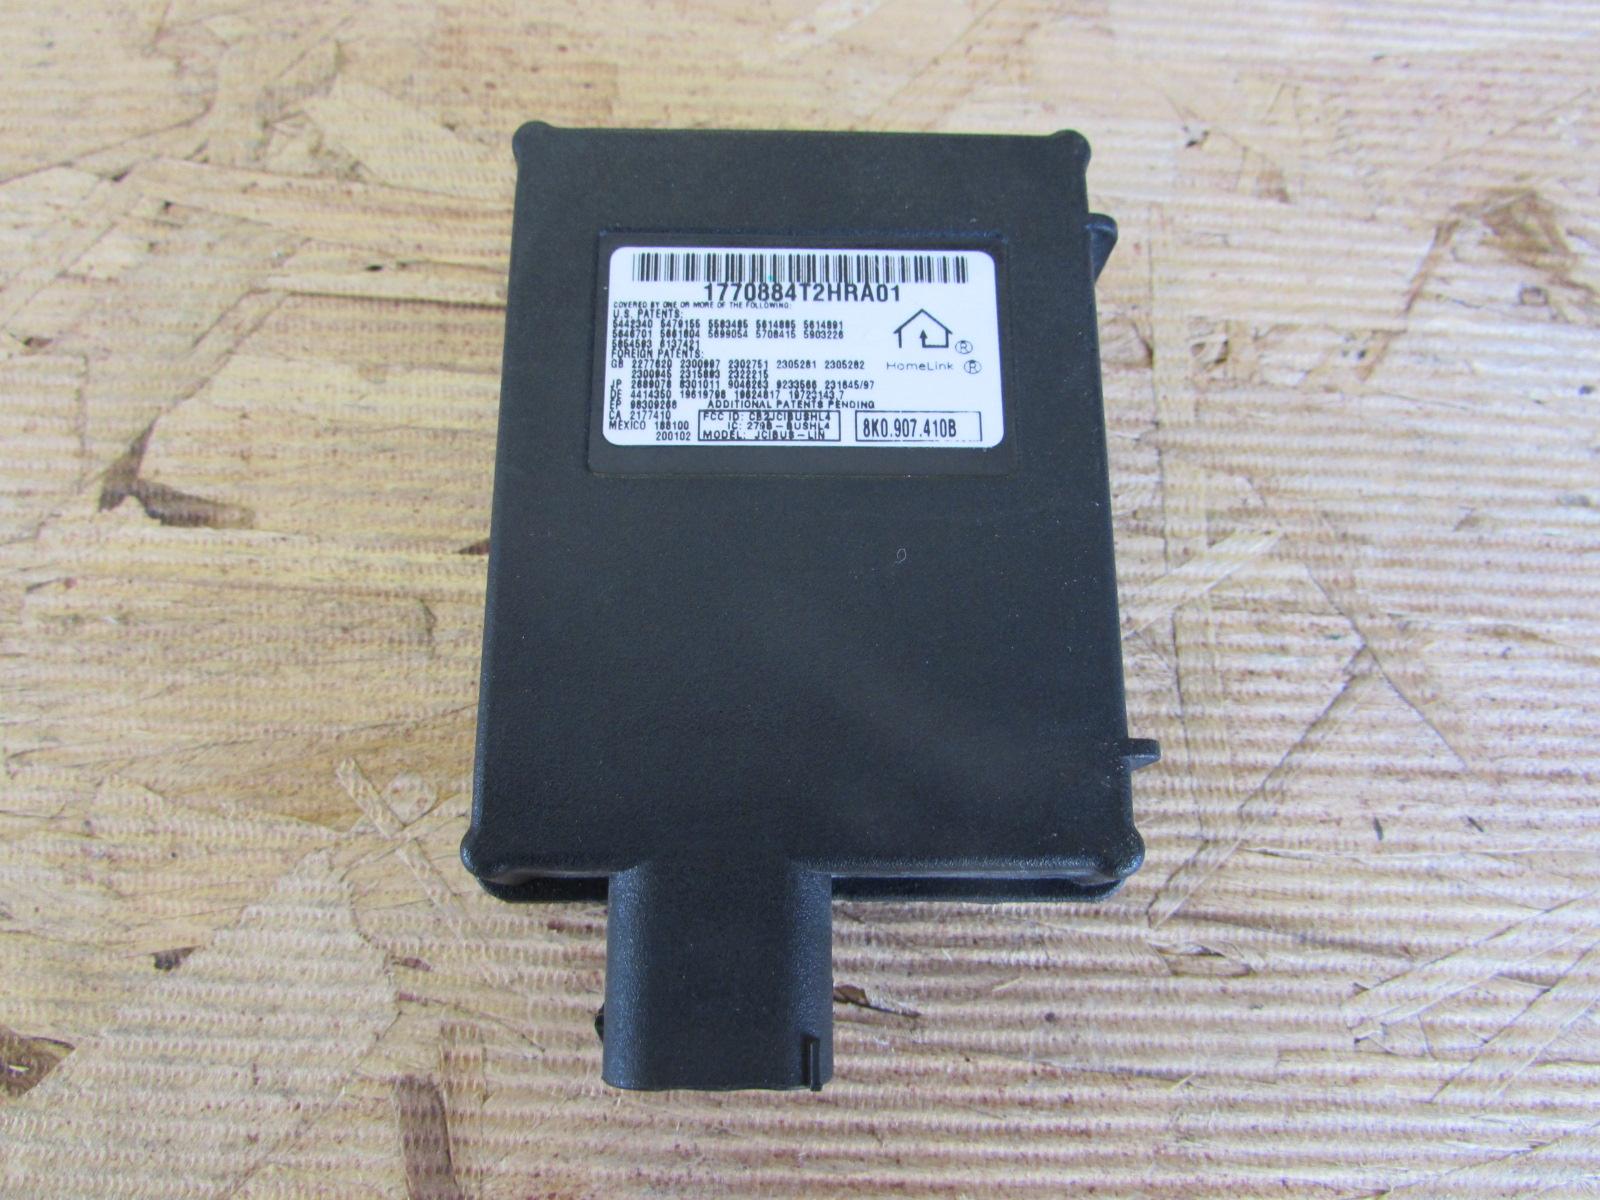 Audi tt mk2 8j oem homelink garage door opener control module unit audi tt mk2 8j oem homelink garage door opener control module unit 8k0907410b3 rubansaba